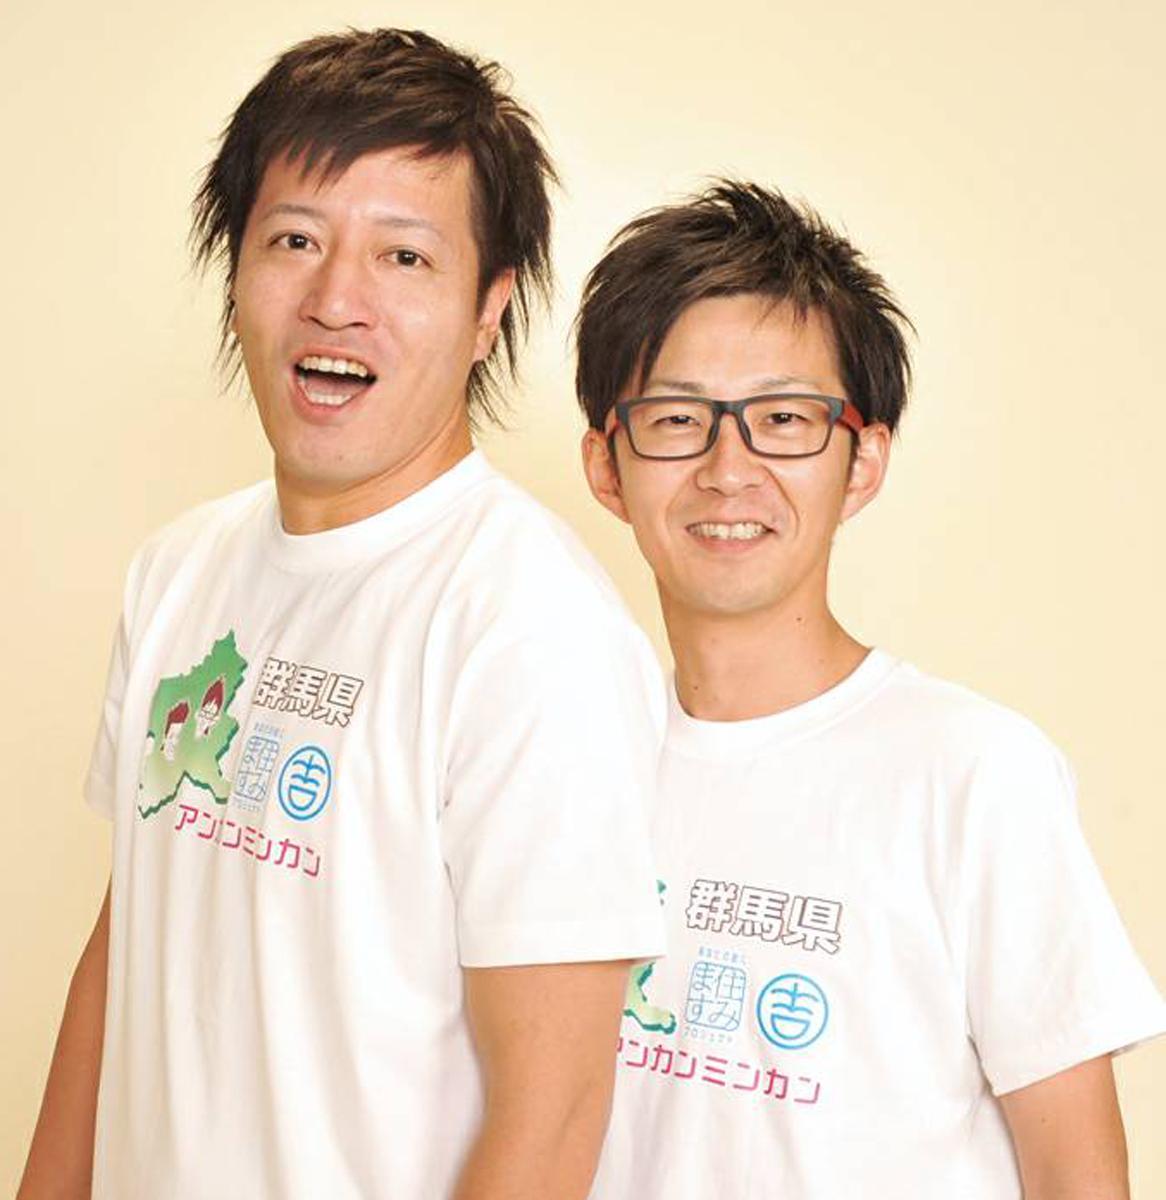 ボケ担当の川島さん(左)とツッコミ担当の富所さん(右)